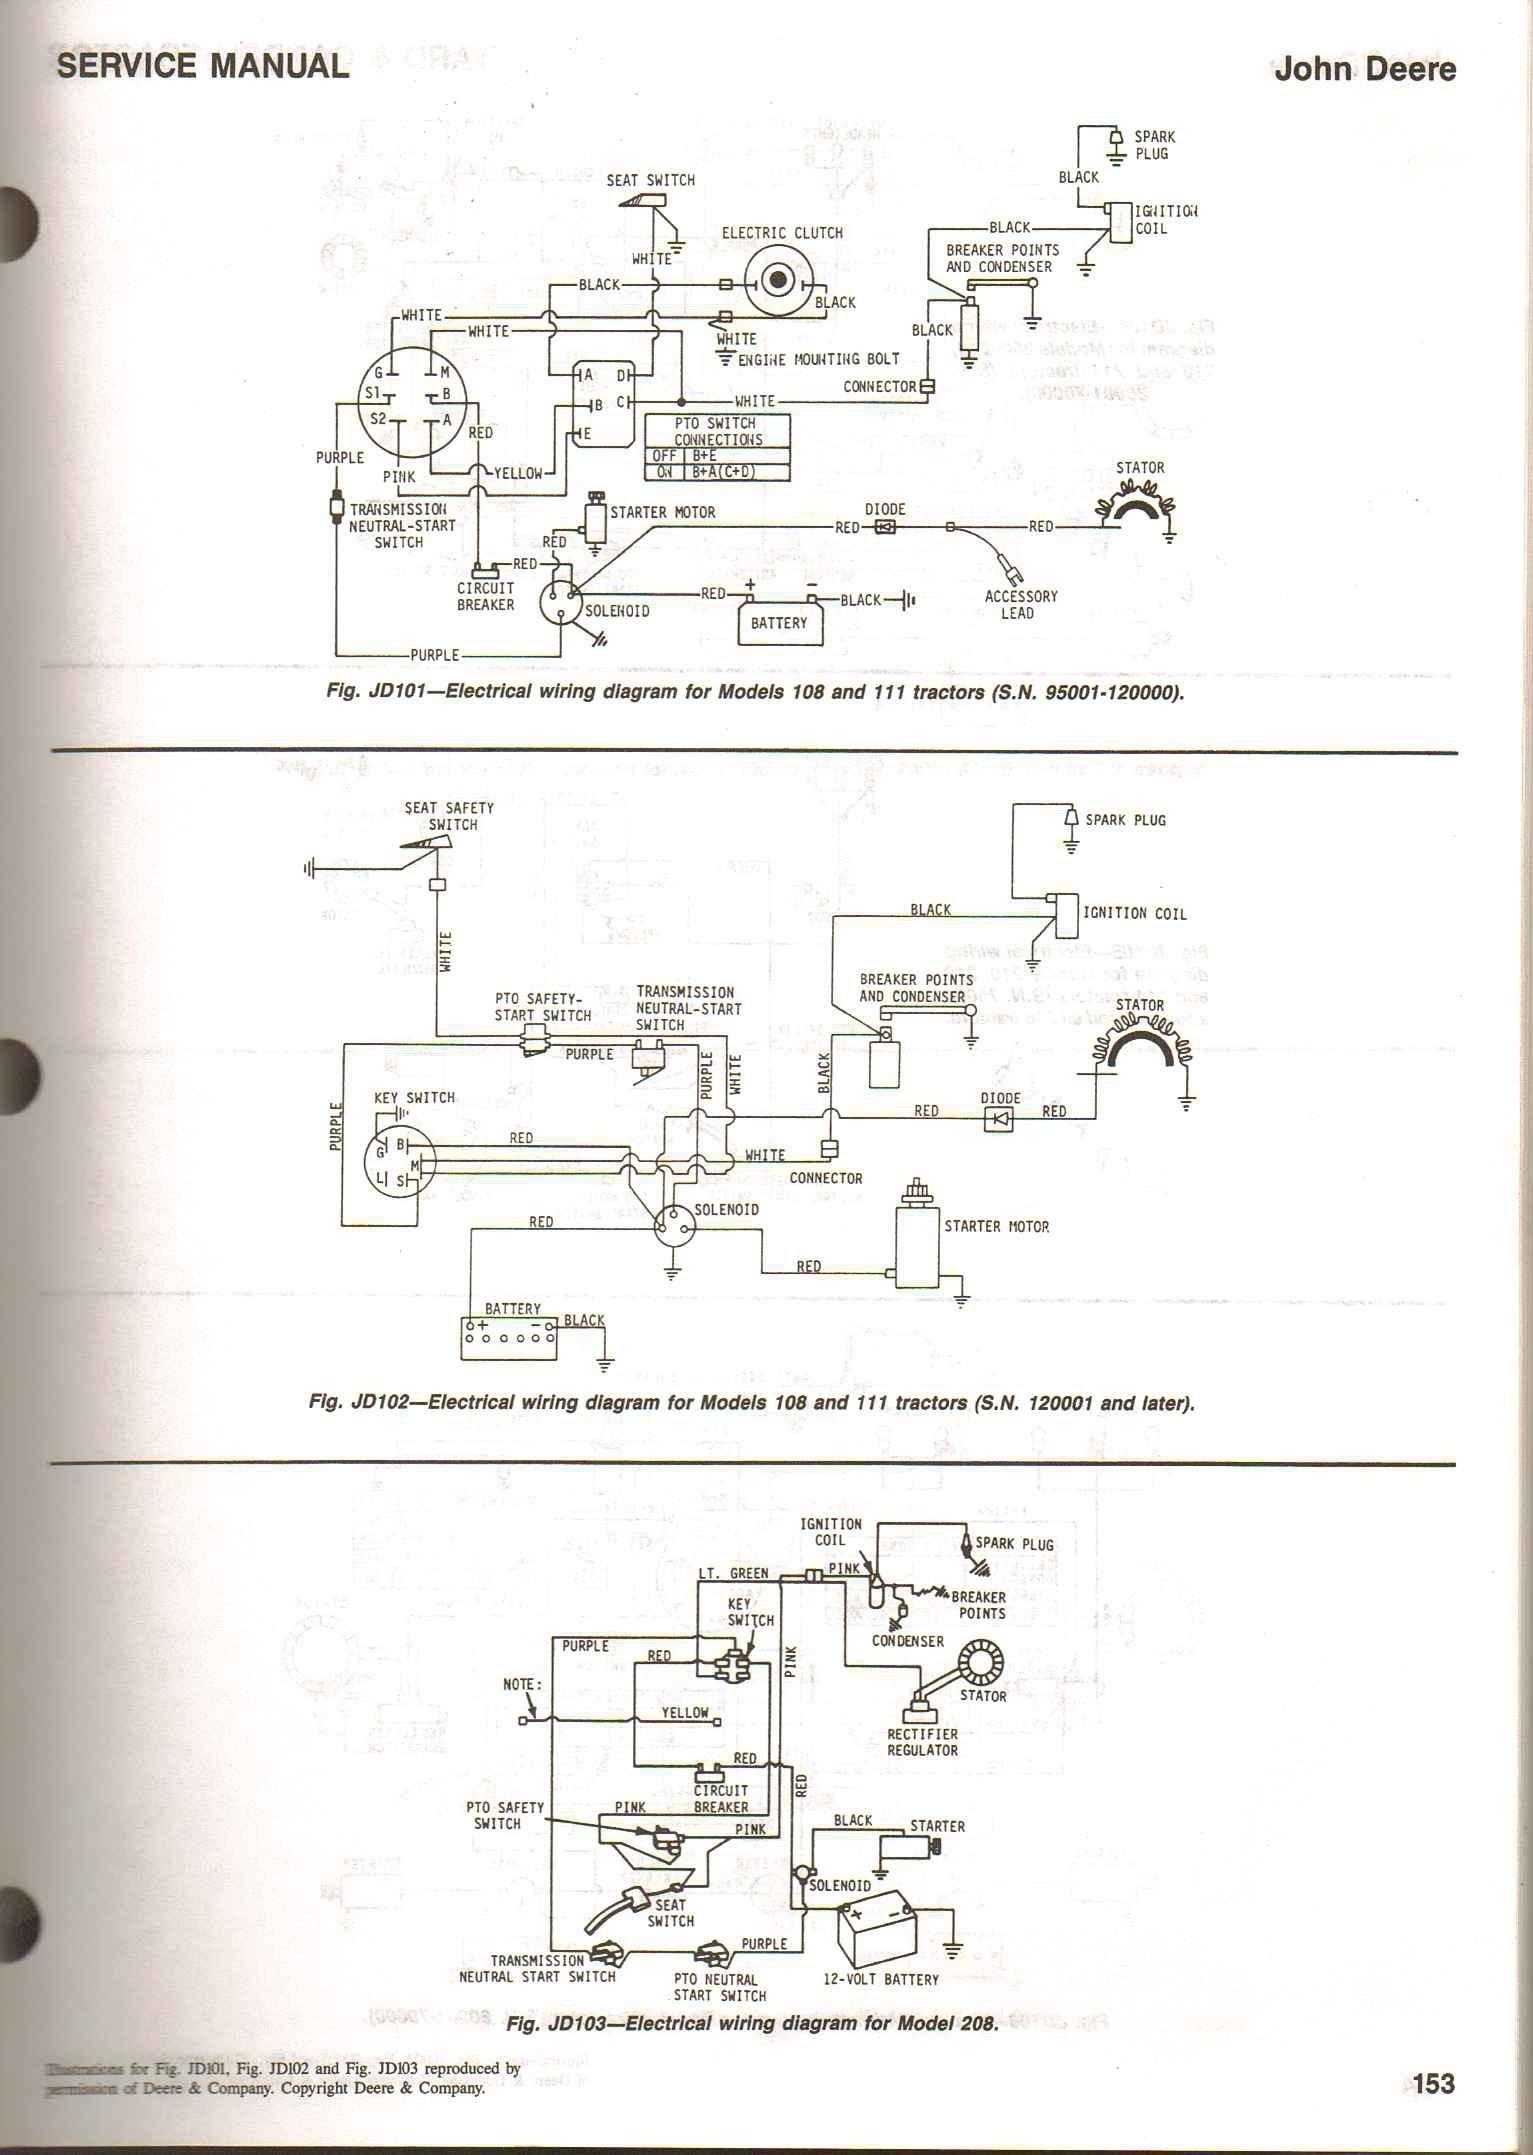 john deere stx38 wiring schematic - wiring diagram john deere 212 save  wunderbar gator 6x4 schaltplan